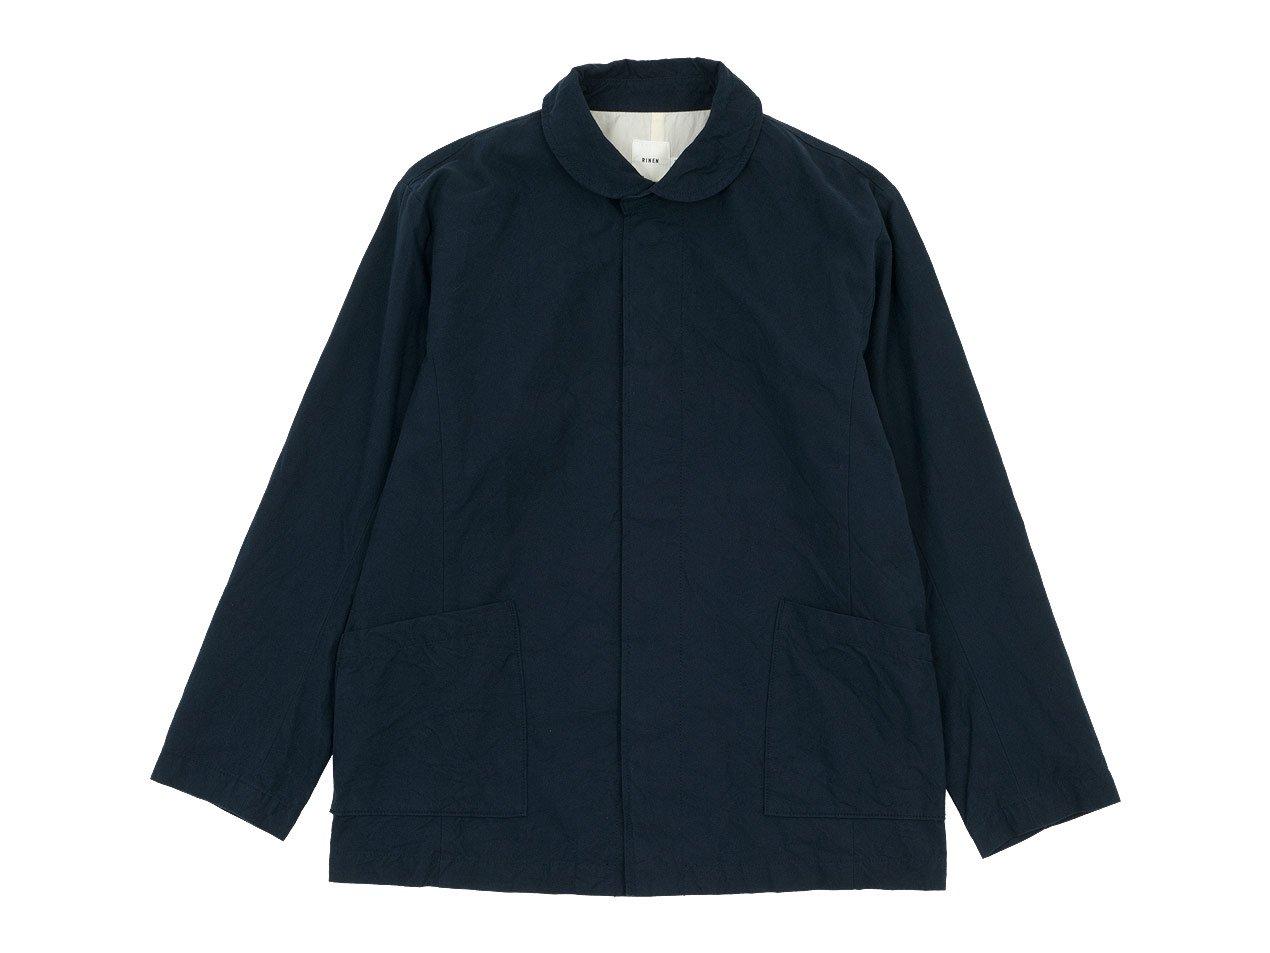 RINEN 40/2高密度平織 ガーデンジャケット 05ネイビー 〔メンズ〕